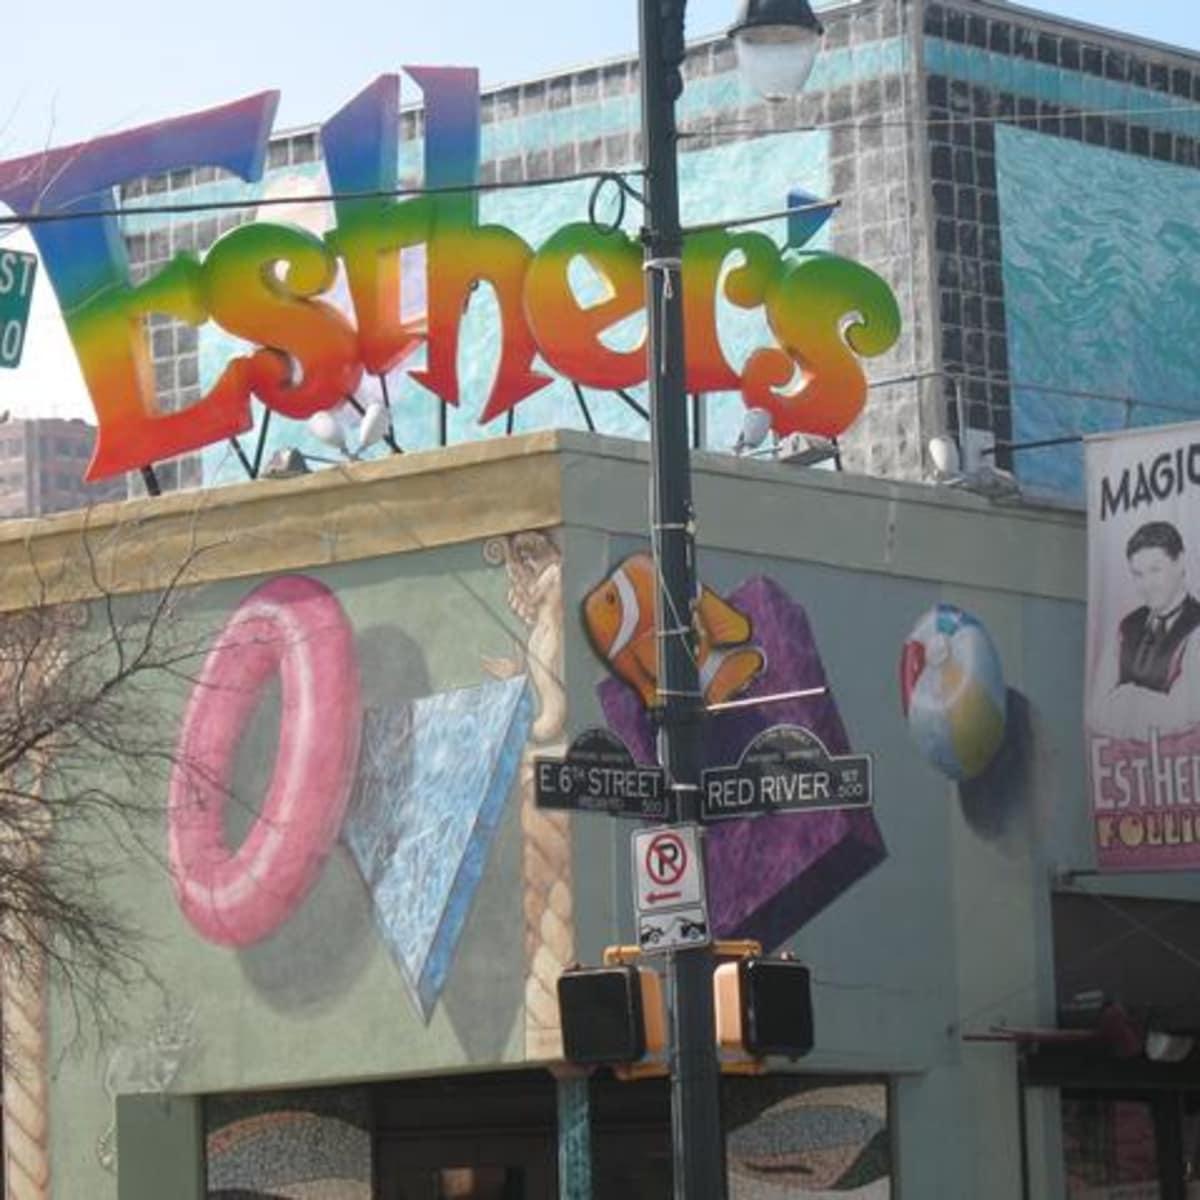 Austin Photo: Places_Arts_Austin_Museum_of_Art_Esther's_Follies_Exterior